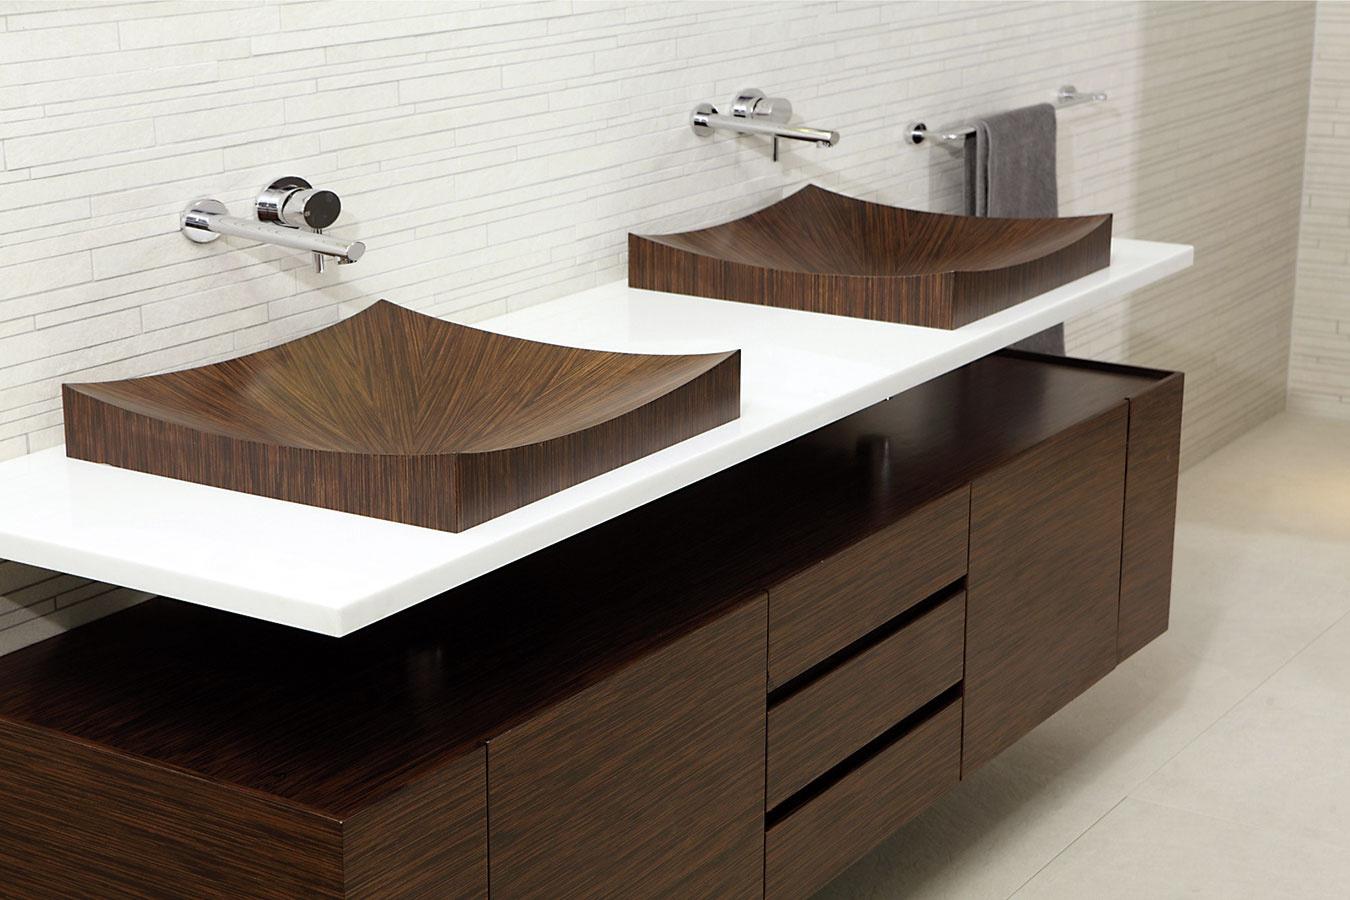 Švajčiarske drevené umývadlo značky aLegna je vďaka špeciálnemu postupu výroby nepriepustné a odolné proti baktériám. Môže sa čistiť bežnou špongiou a čistiacim prostriedkom. (www.travert.sk)